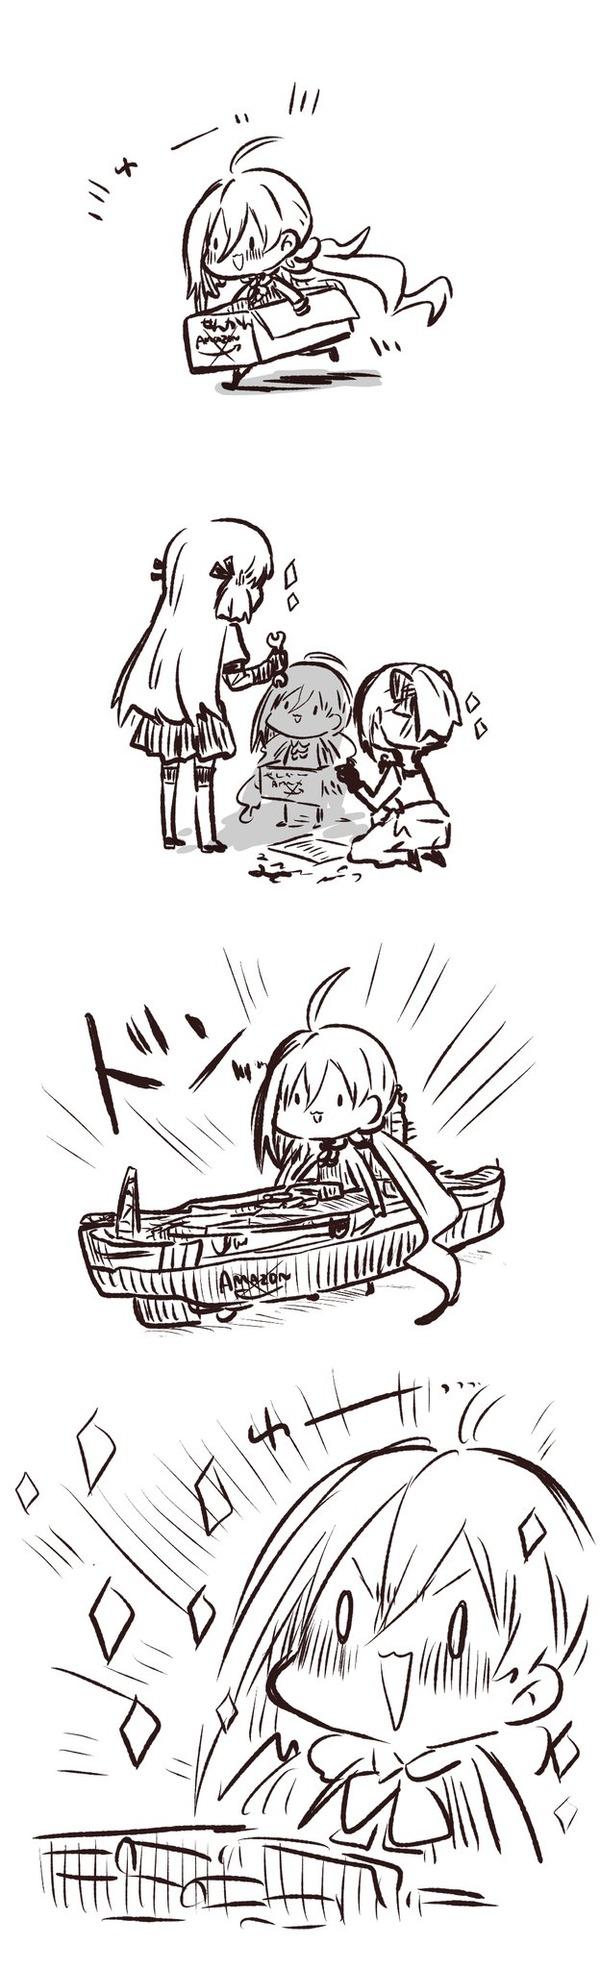 【艦これ】戦艦になった清霜 他なごみネタ